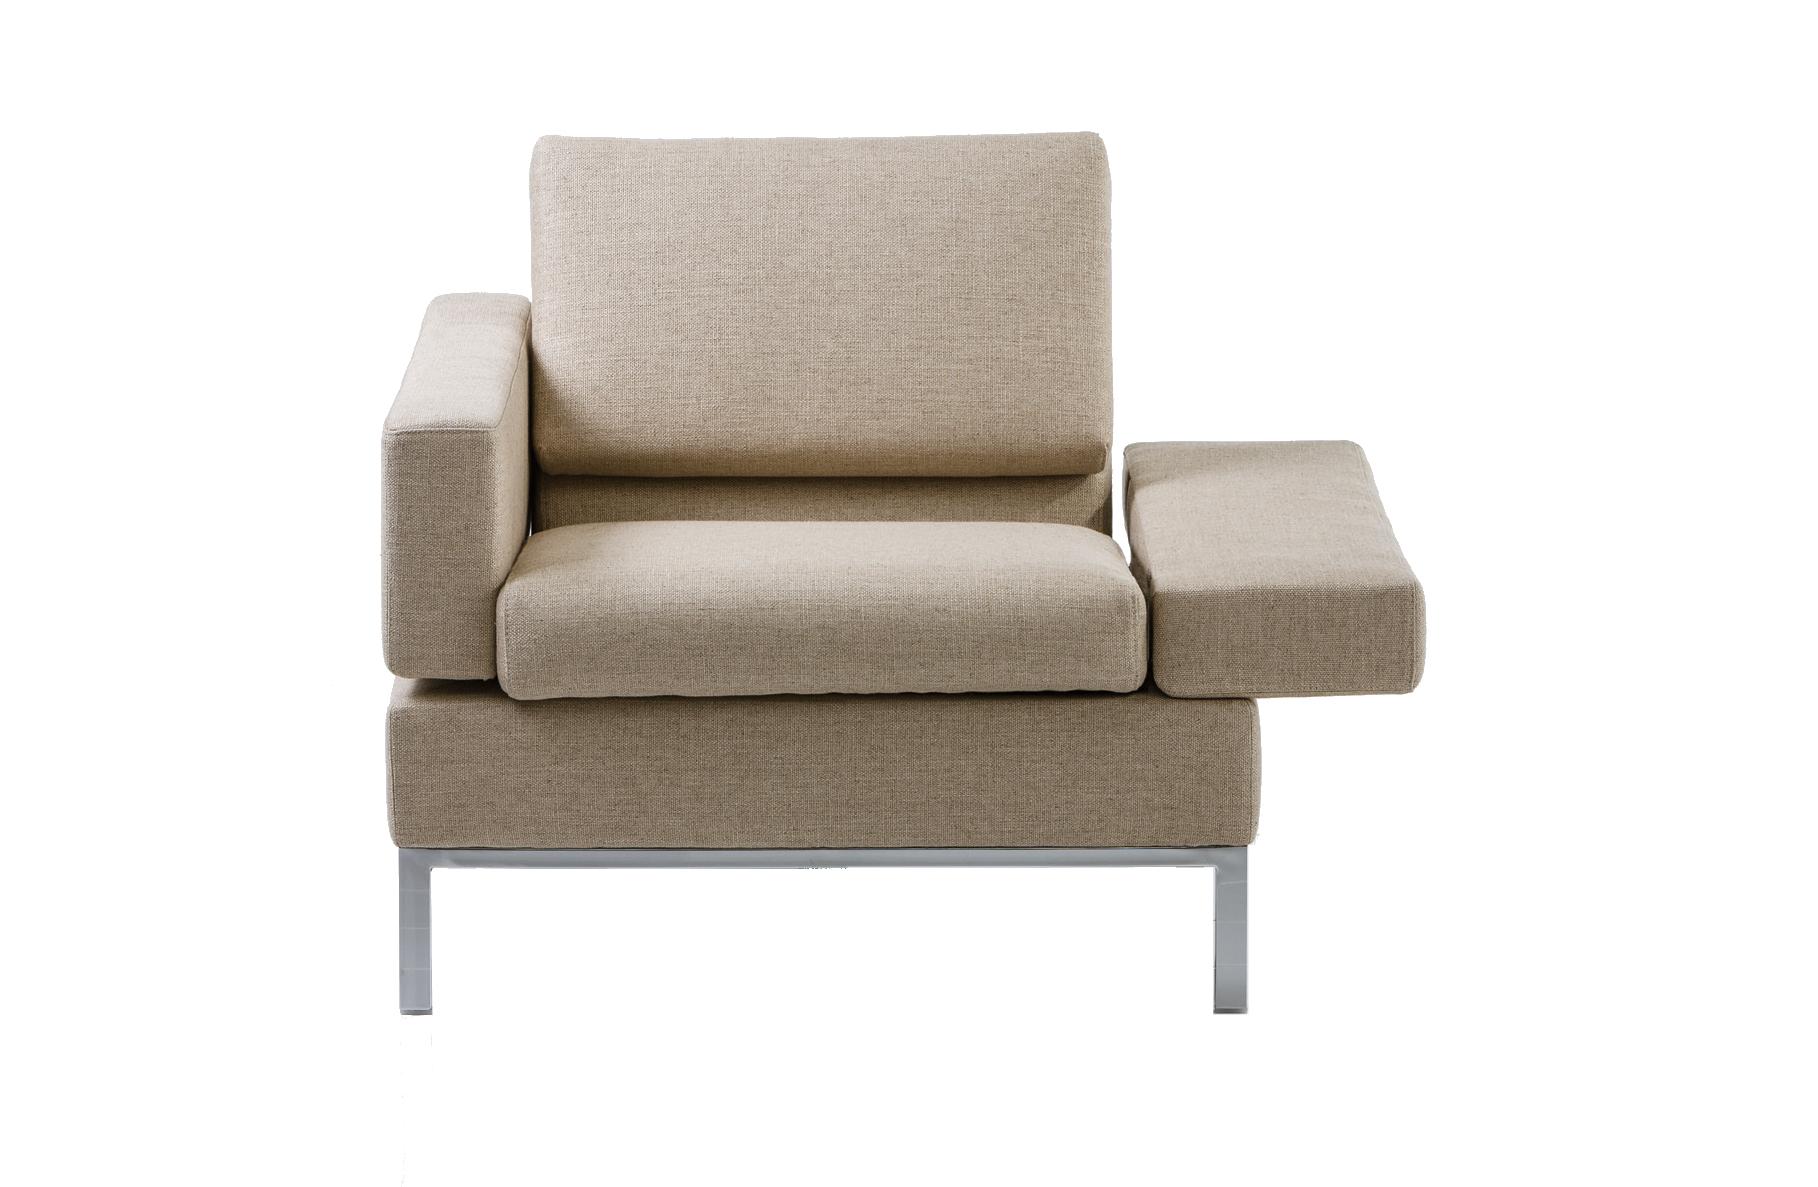 Bezaubernd Sessel Mit Fußstütze Referenz Von